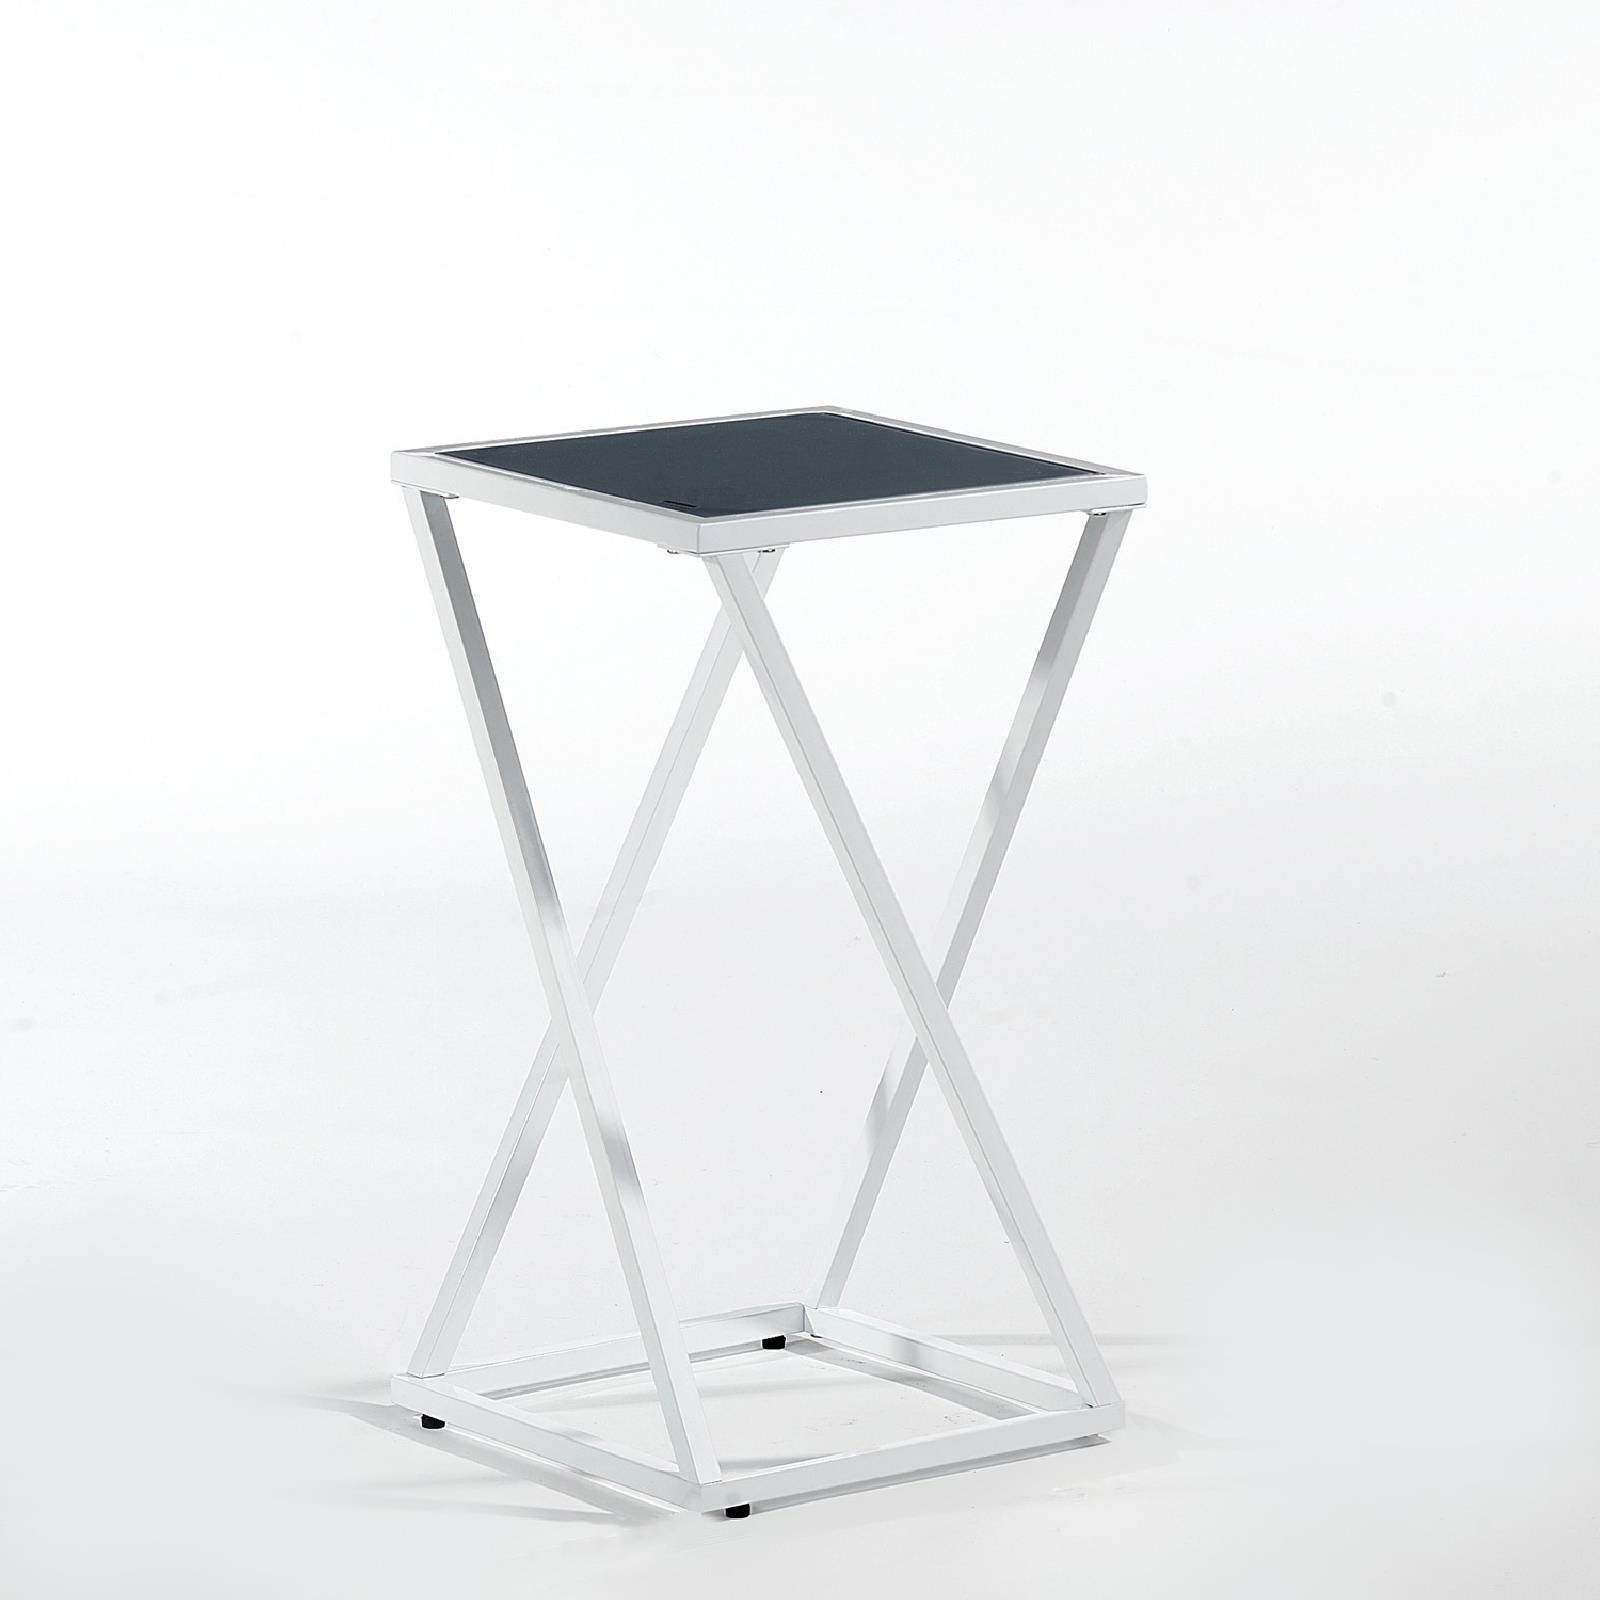 blumenst nder hocker s ule beistelltisch design m bel in schwarz grau 55 75 cm ebay. Black Bedroom Furniture Sets. Home Design Ideas